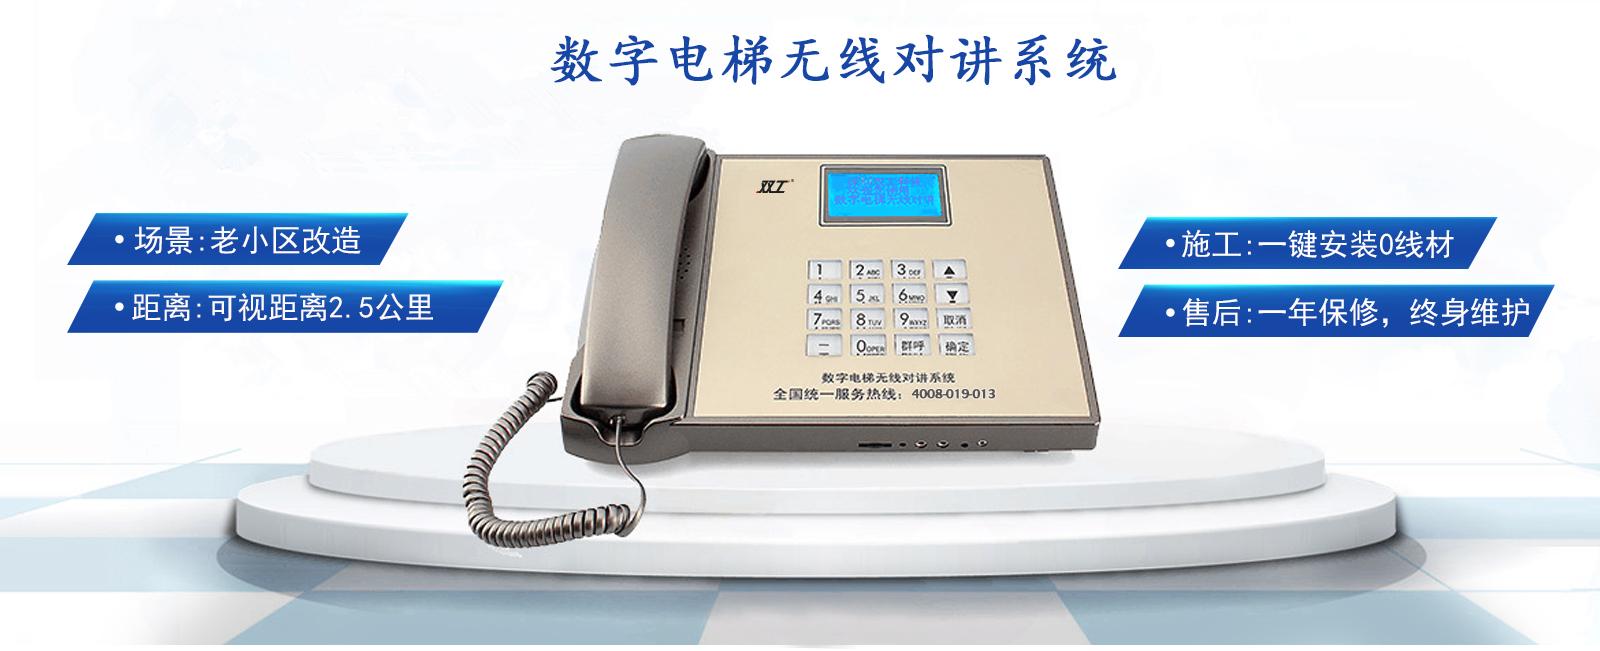 深圳市双工科技有限公司